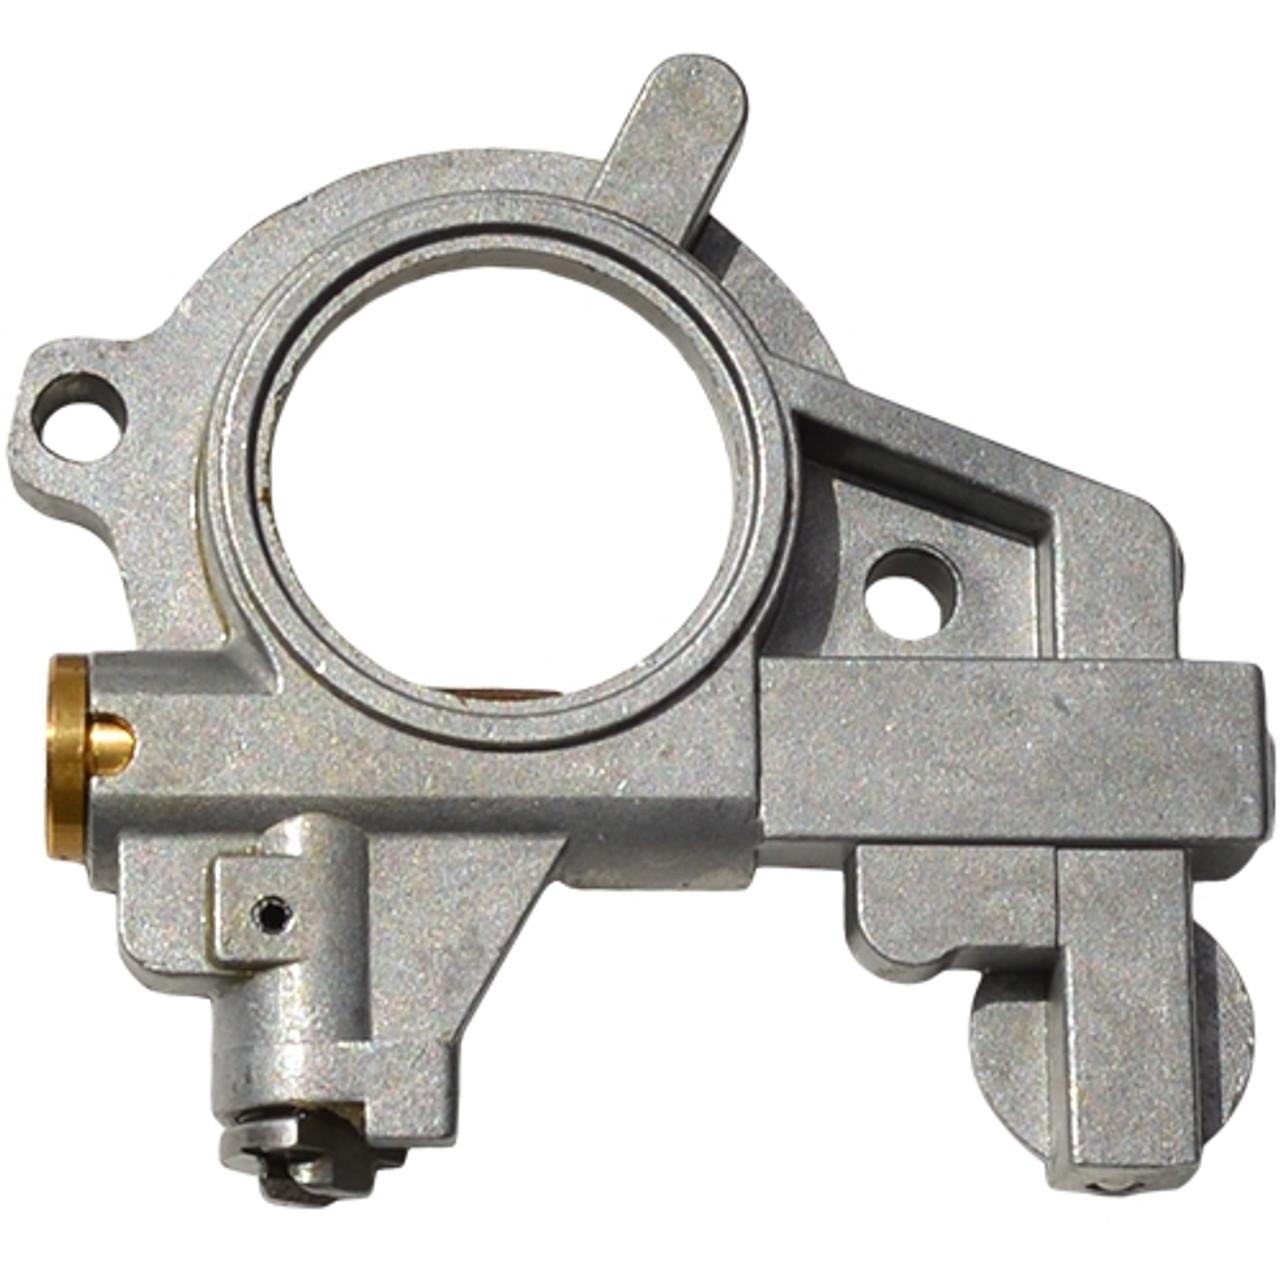 Stihl 046, Ms 441, Ms 460, Ms 461 Oil Pump New 11286403206